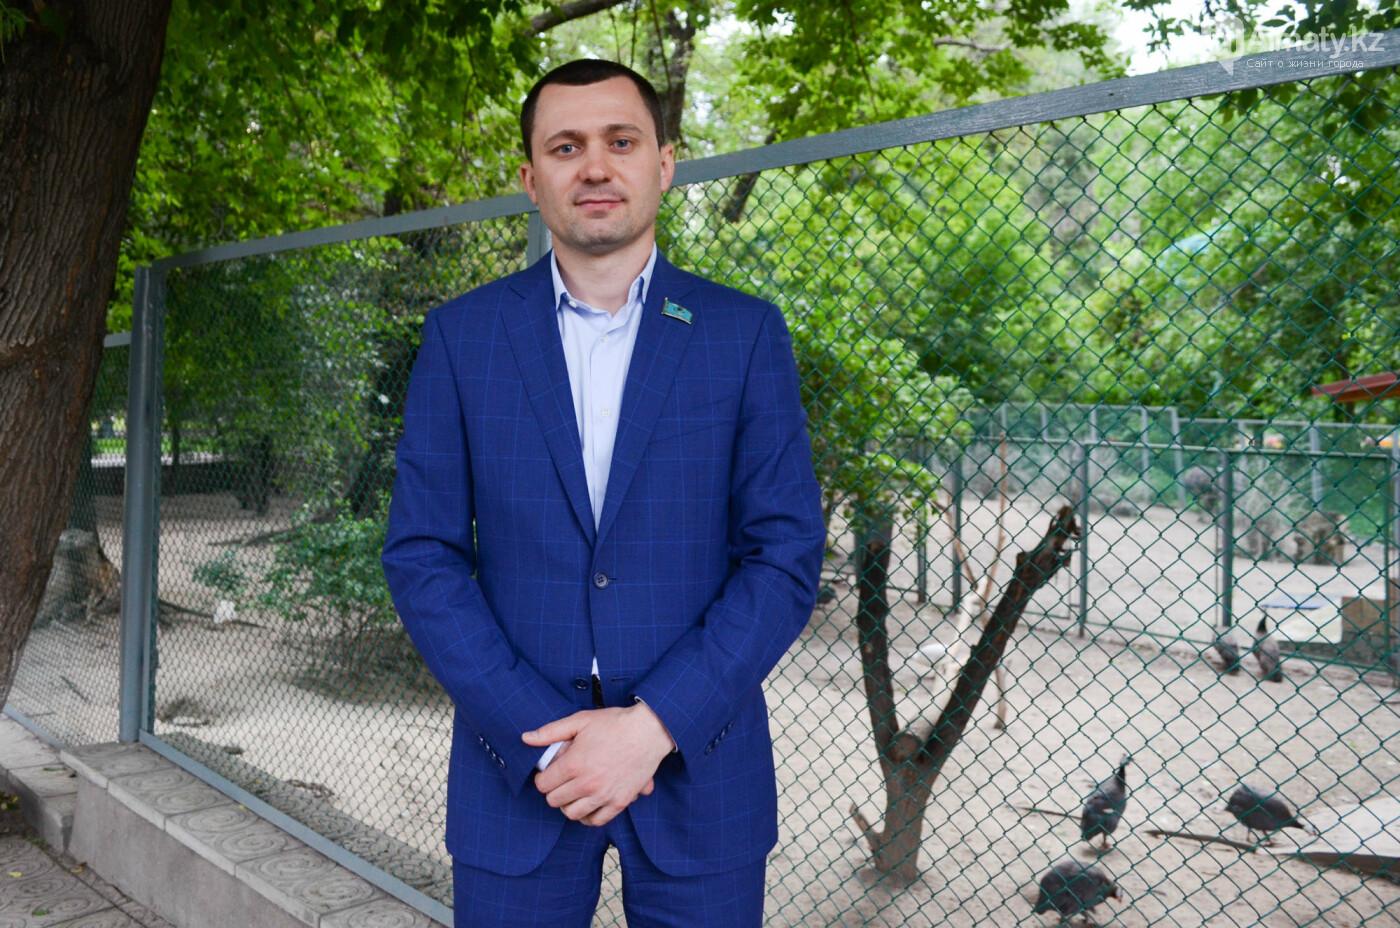 Барсы могут появиться здесь осенью: интервью нового директора Алматинского зоопарка, фото-1